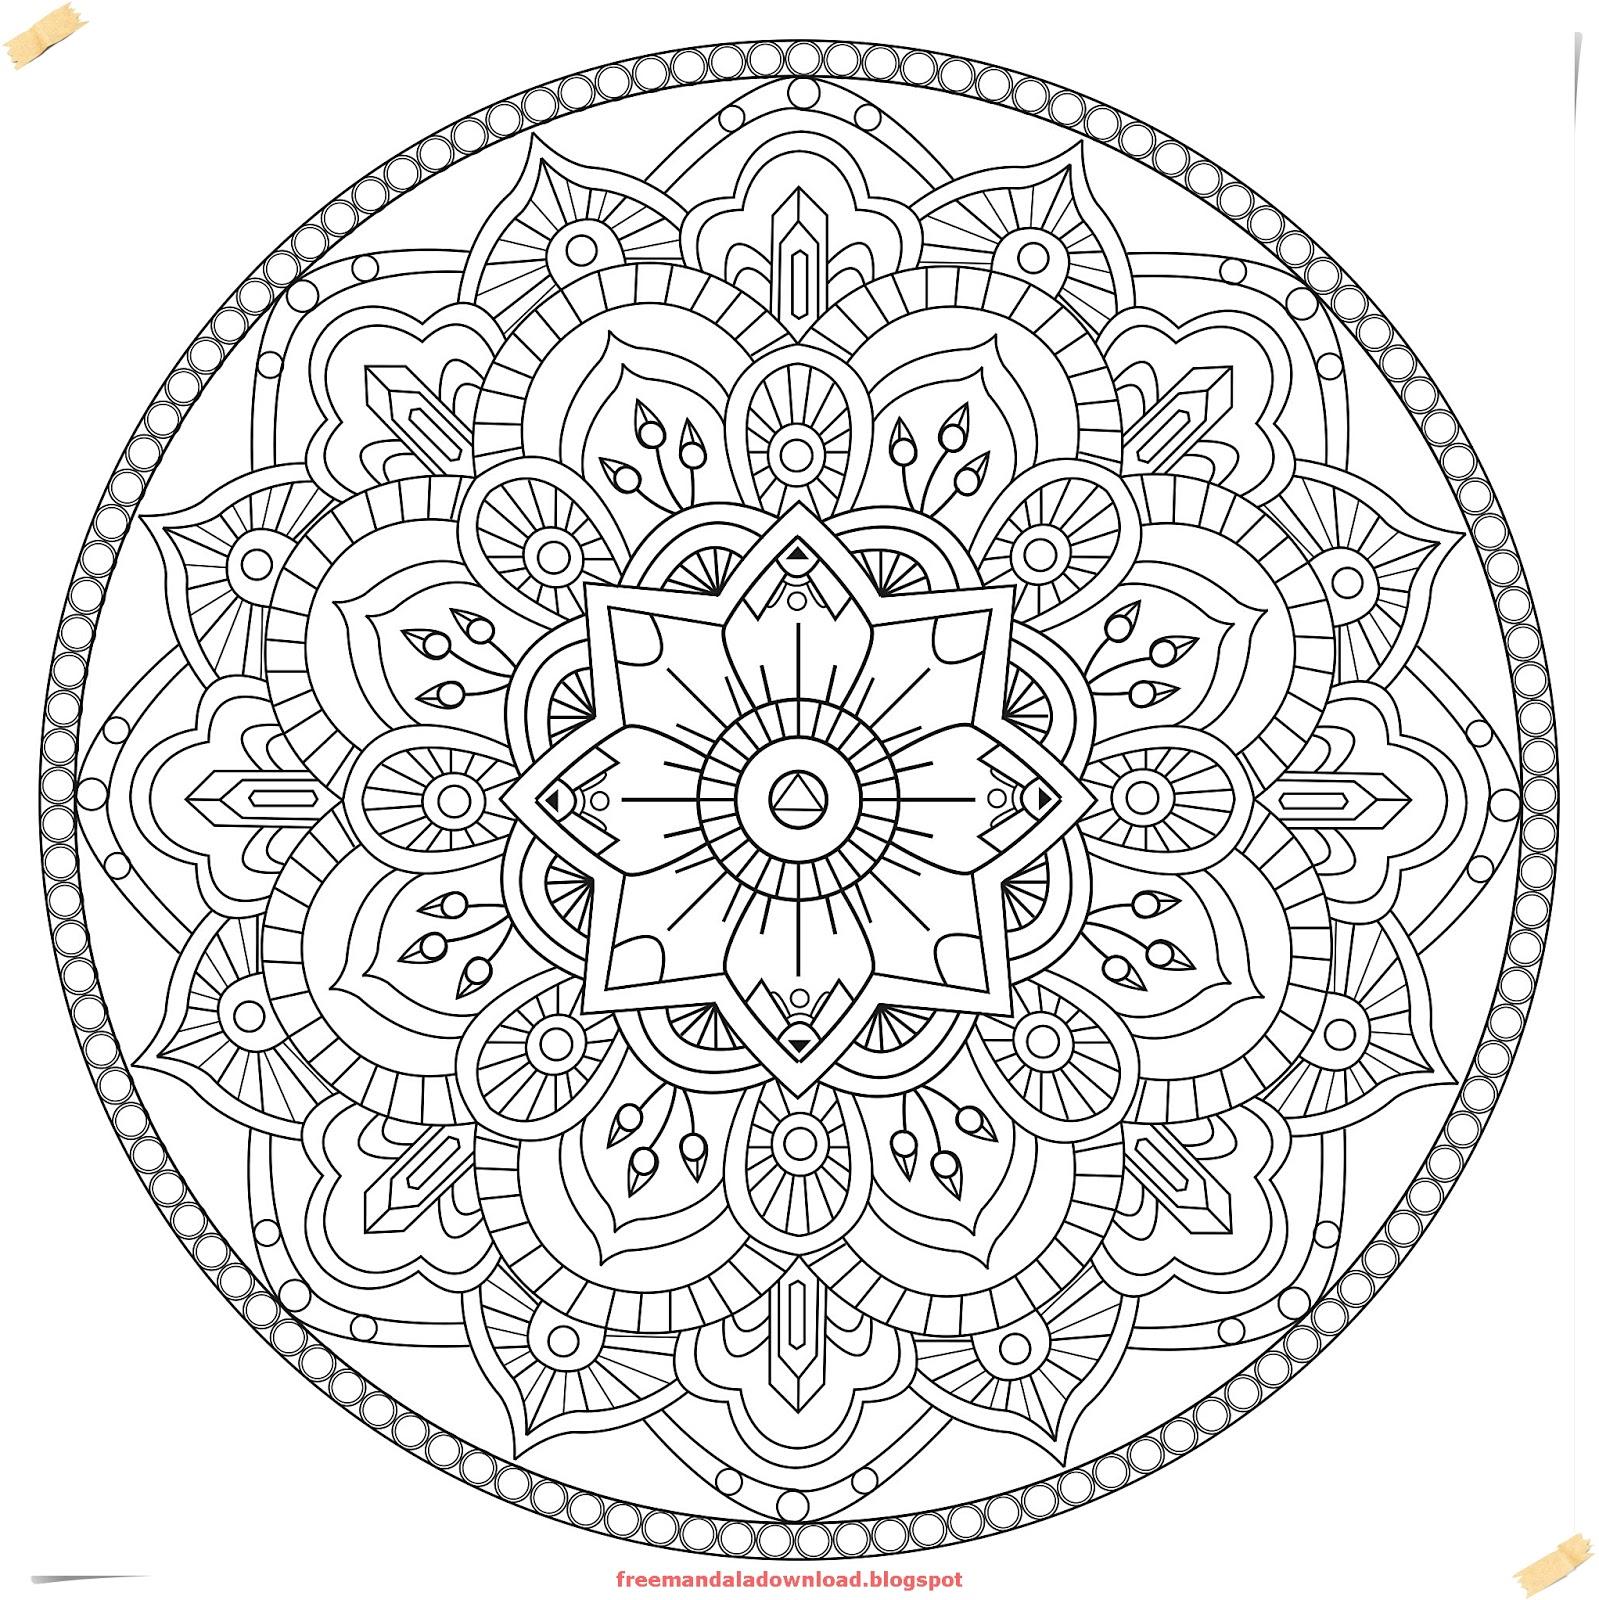 Schwierige Mandalas Für Erwachsene/Difficult Mandalas - Free Mandala